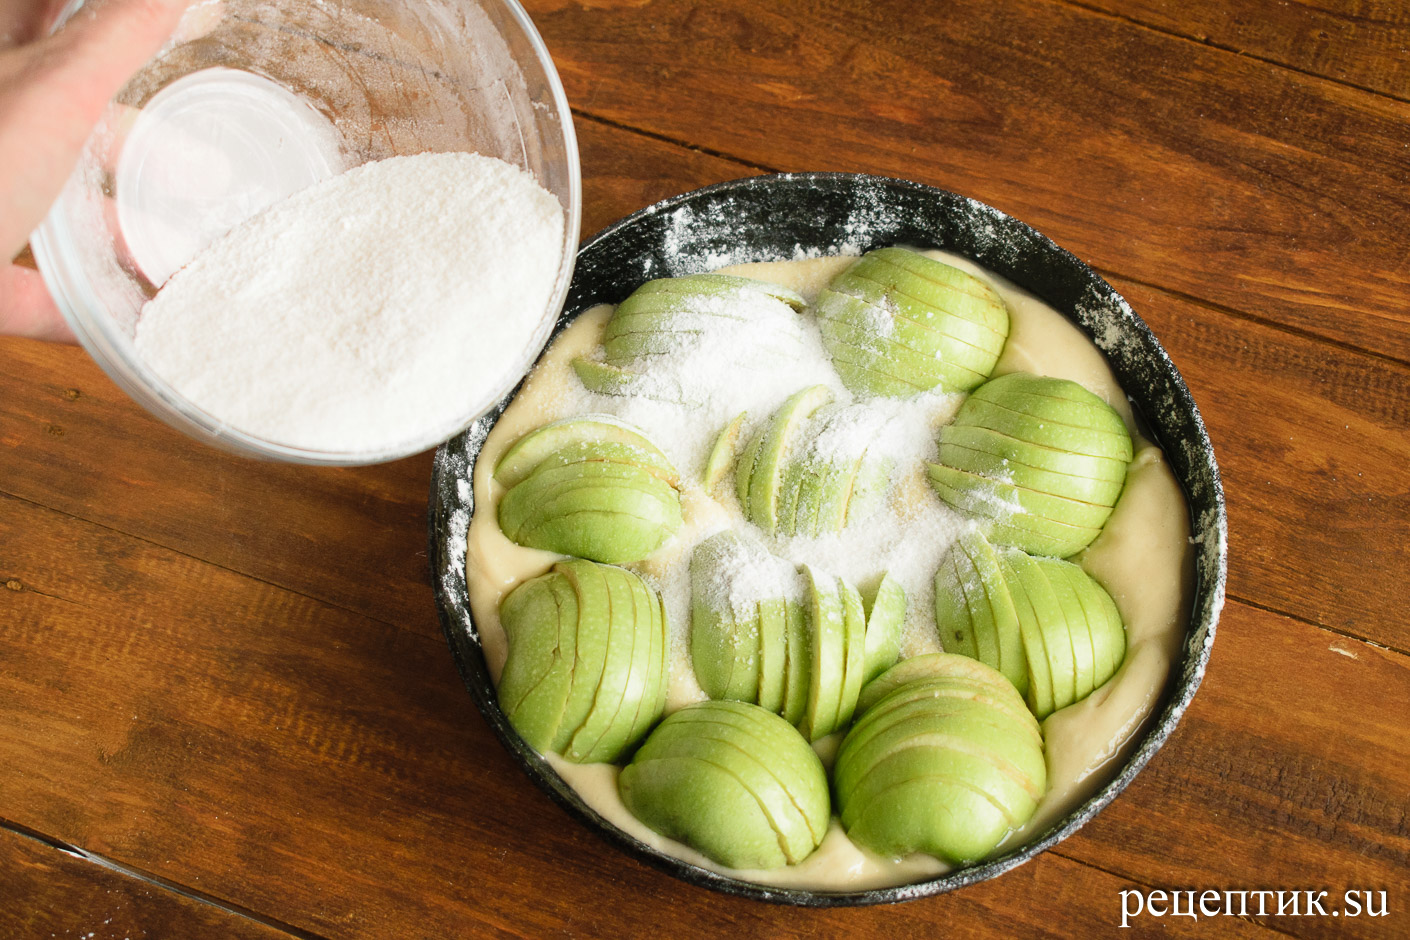 Яблочный кекс - рецепт с фото, шаг 6